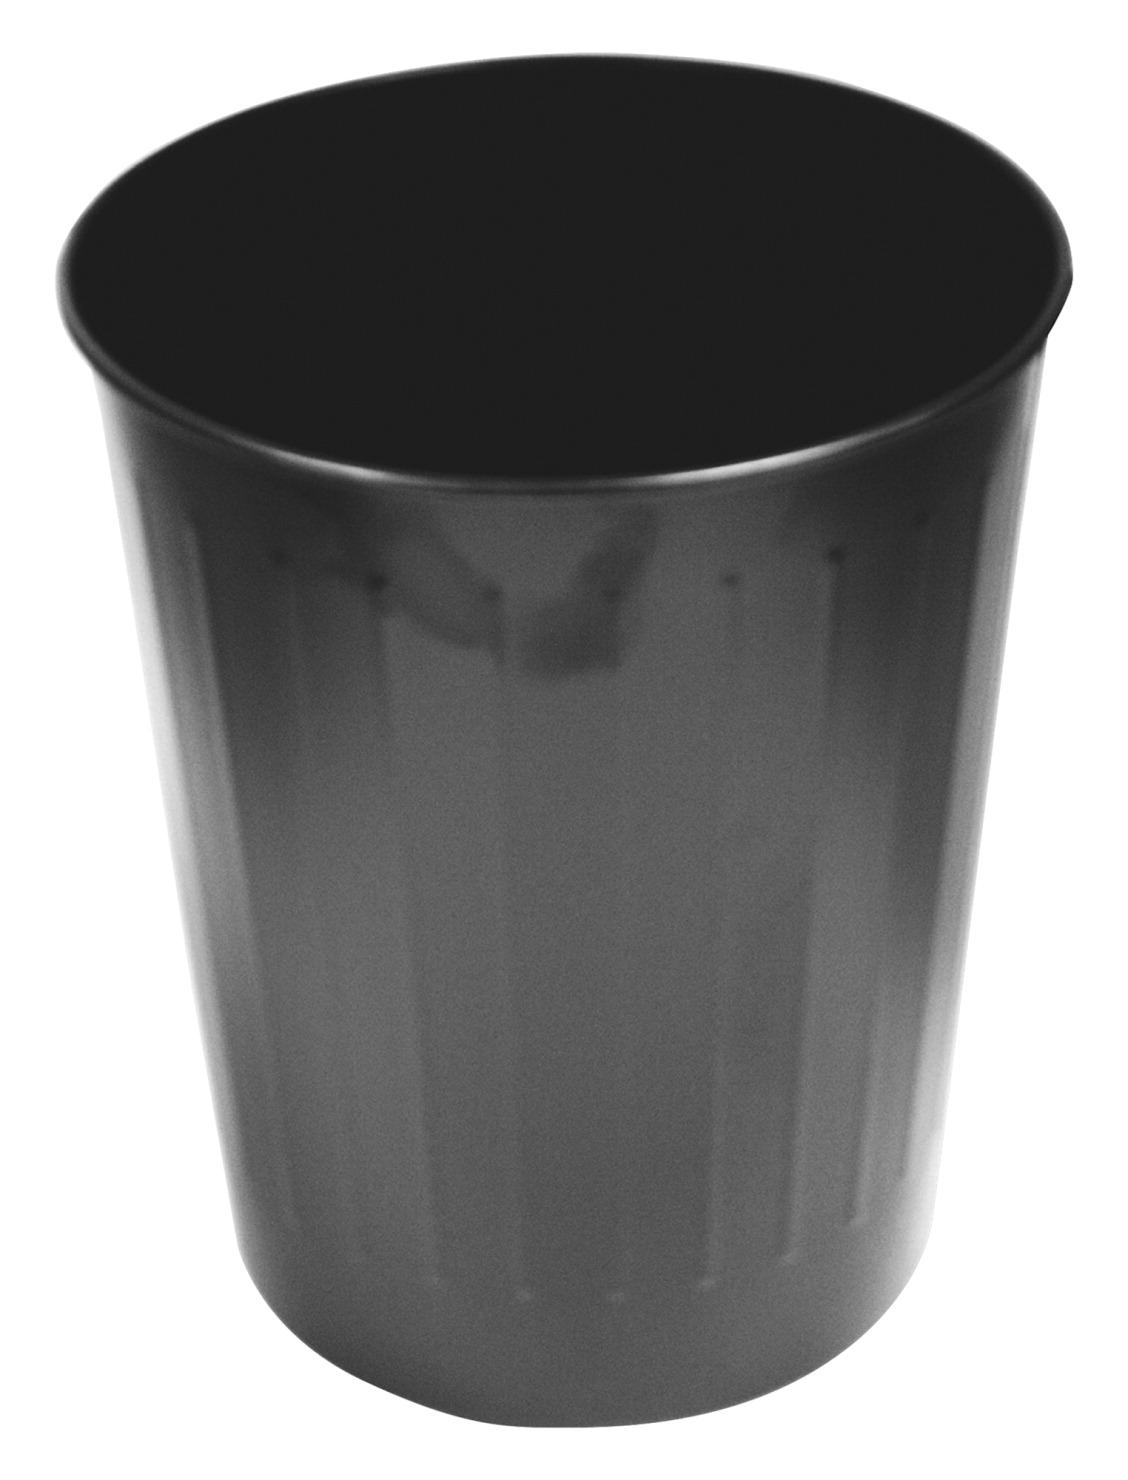 Metal Trash Can School Specialty Marketplace